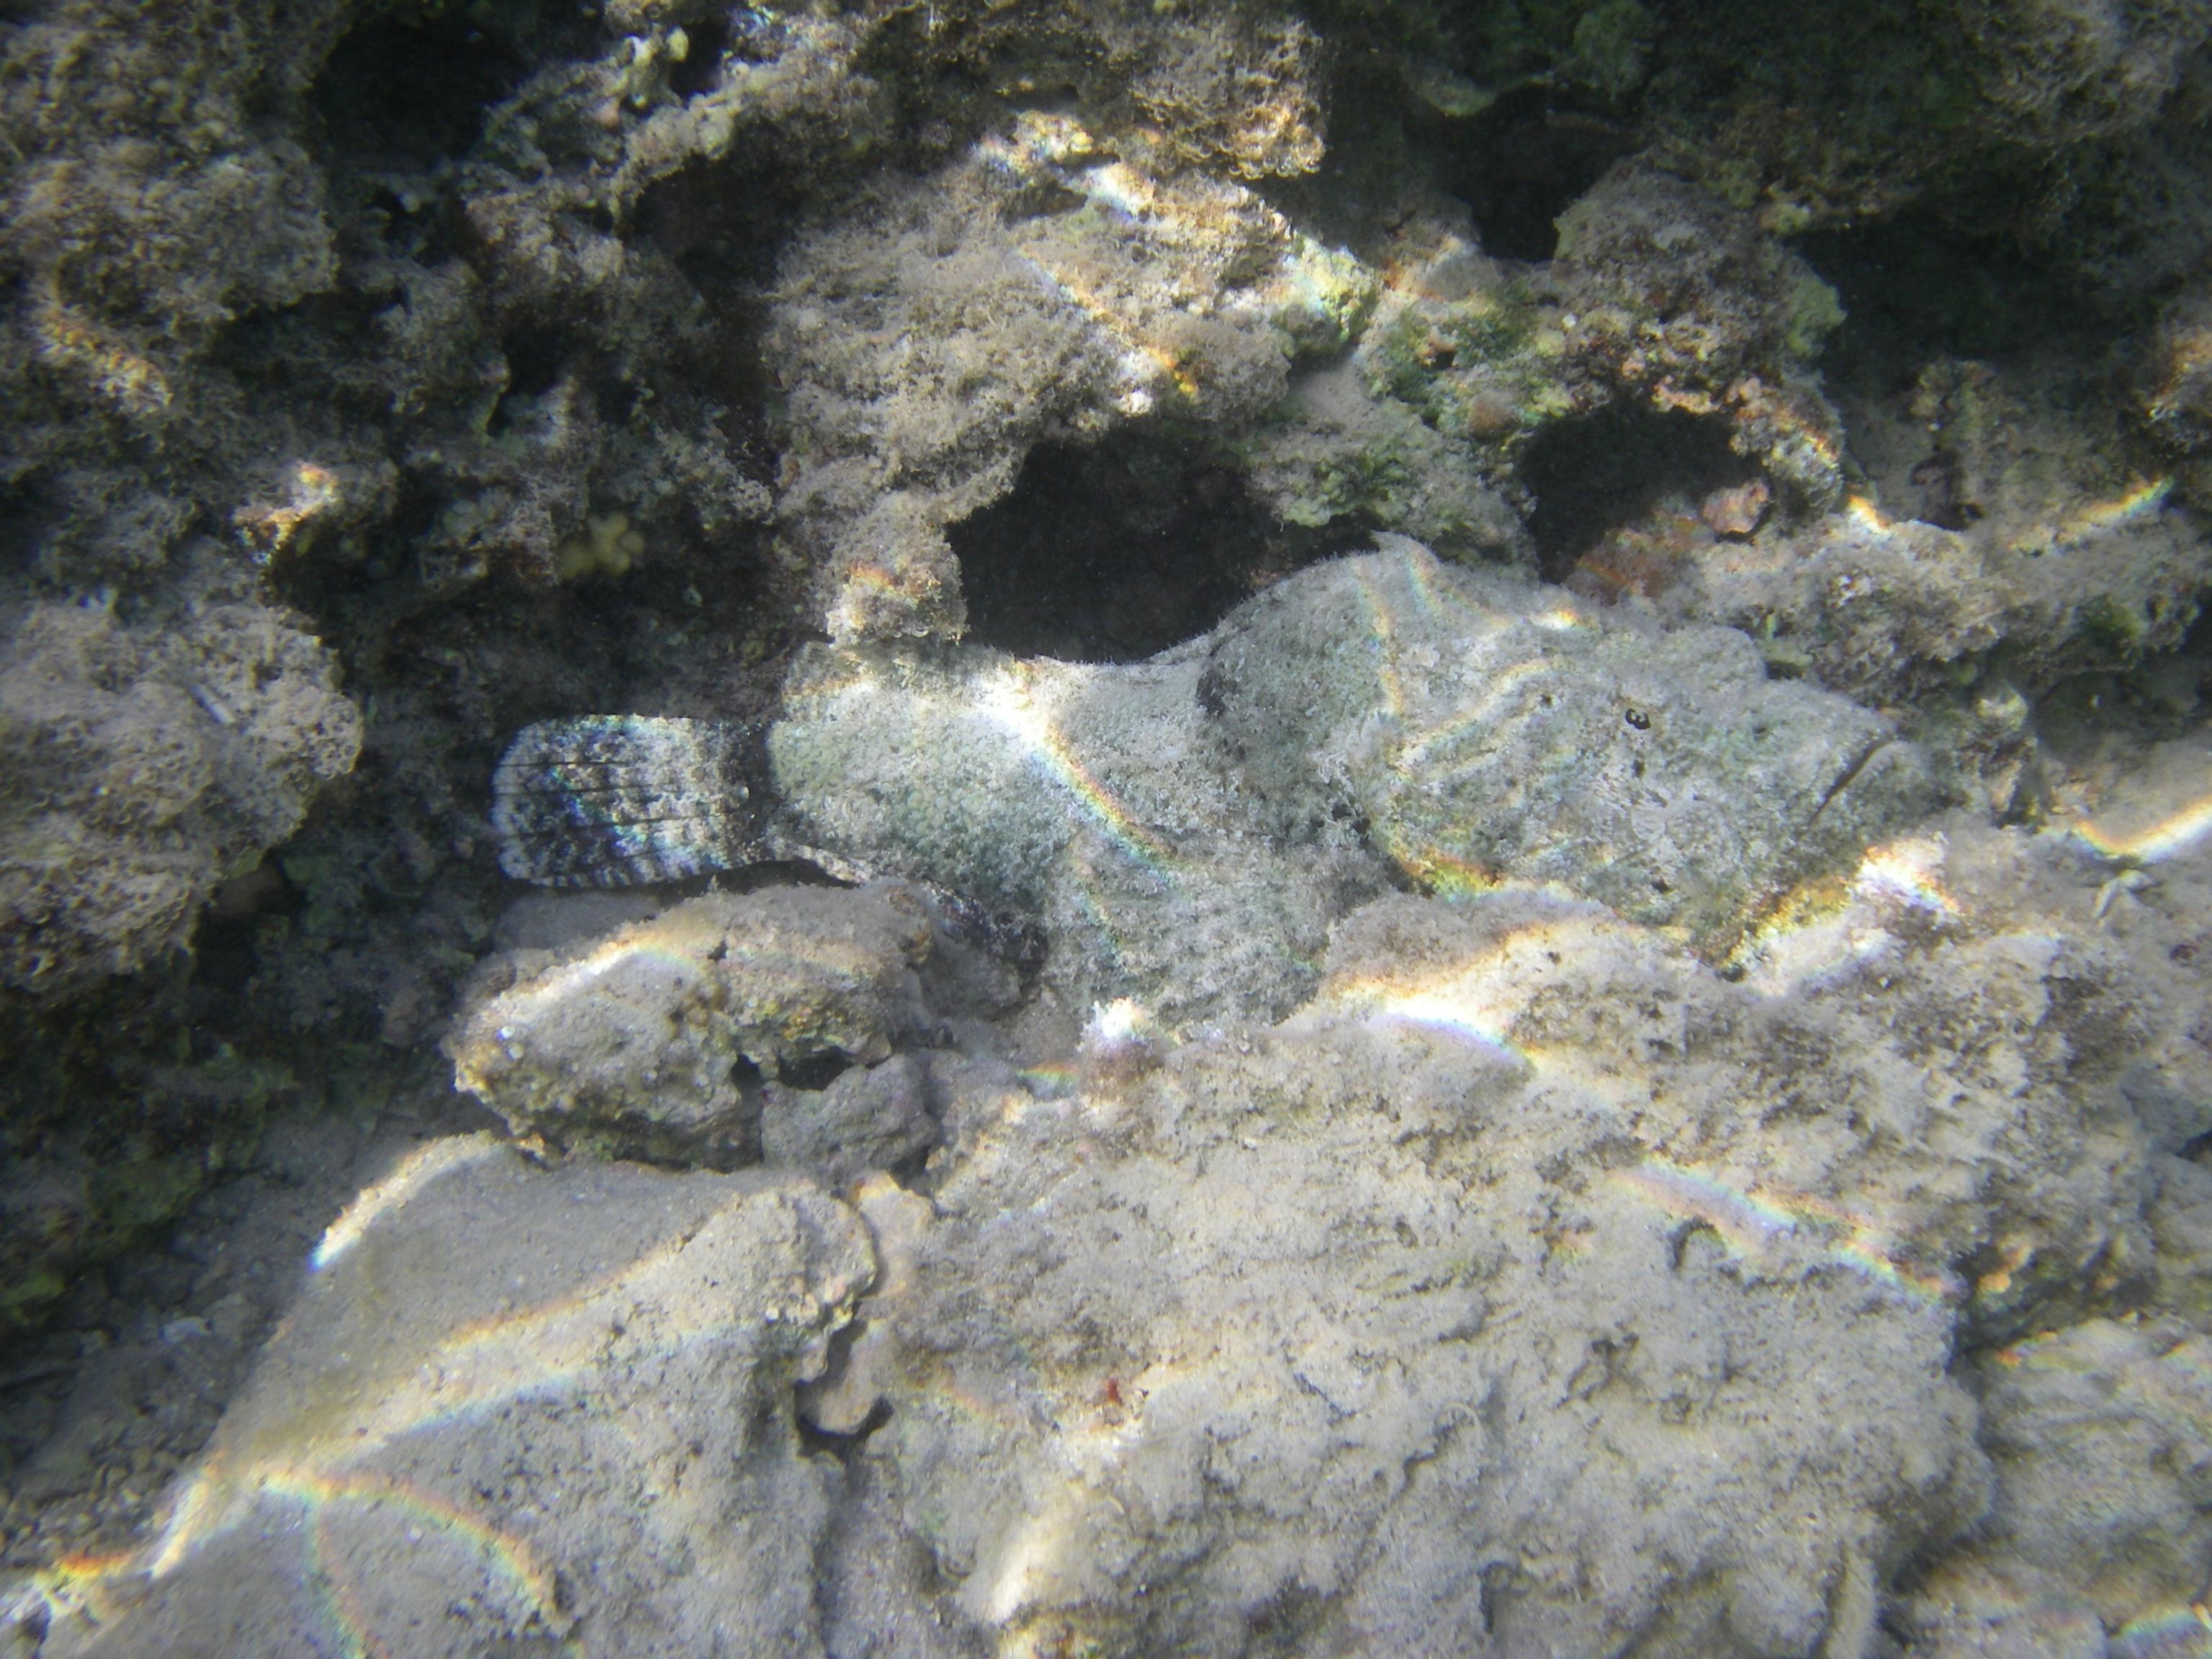 Ложная бородавчатка или дъявольский скорпенопс, лат.Scorpaenopsis diabolus, анг.Devil scorpionfish